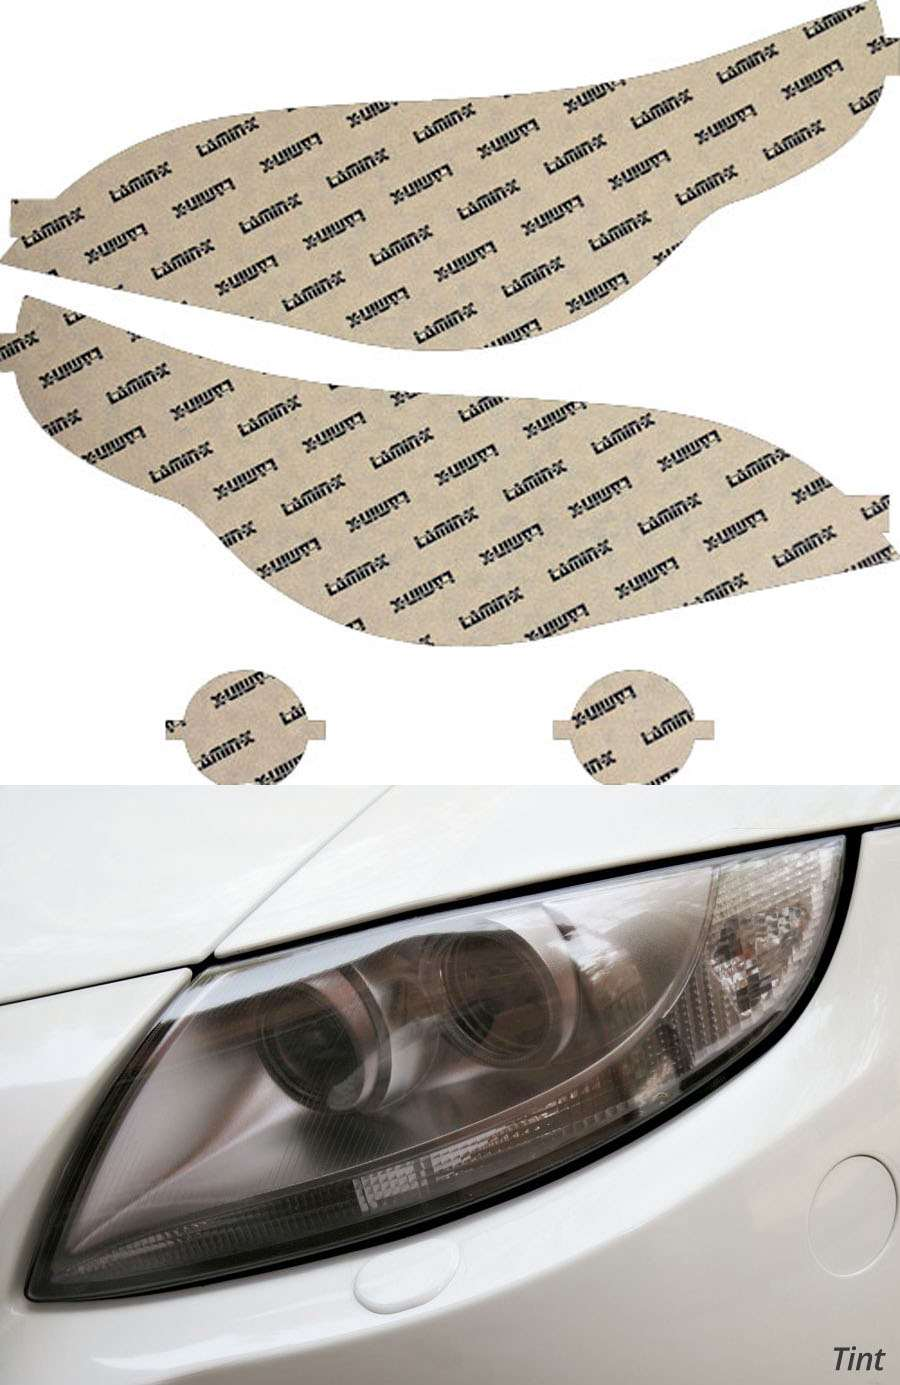 BMW M5 05-10 Tint Headlight Covers Lamin-X B017-1T